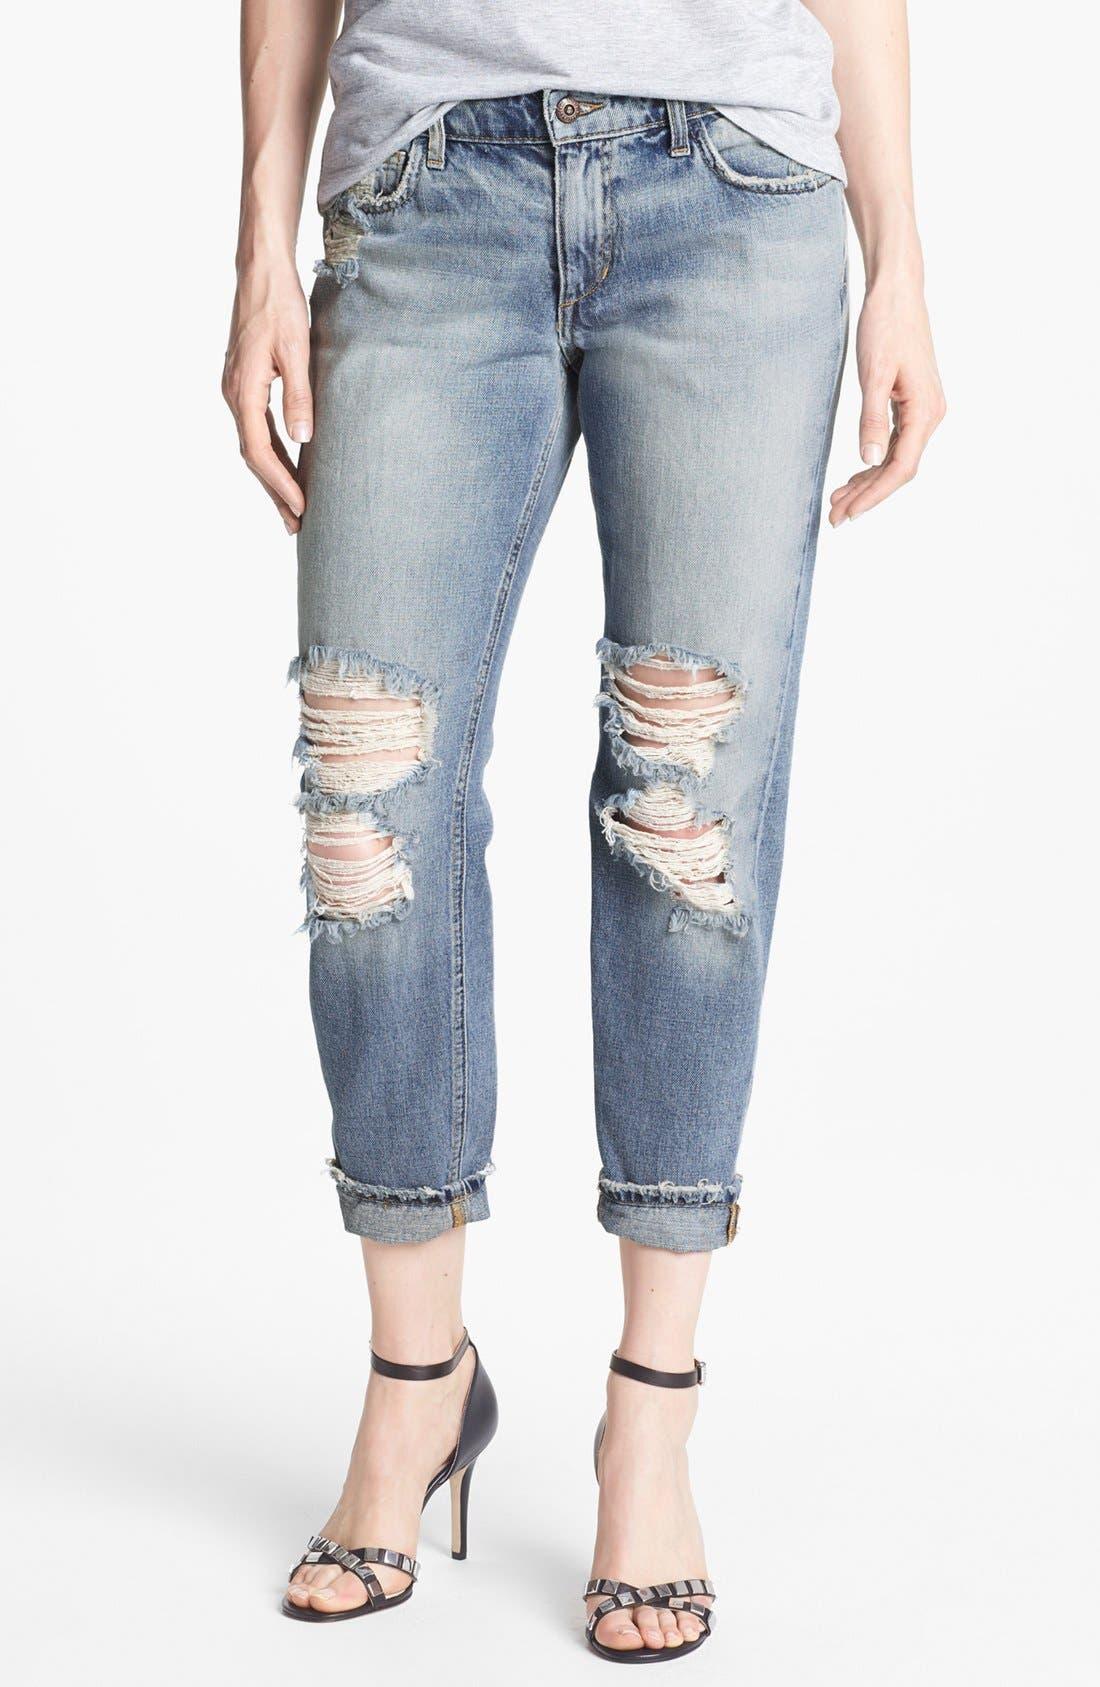 Alternate Image 1 Selected - Joe's 'Easy Highwater' Destroyed Jeans (Keerst)